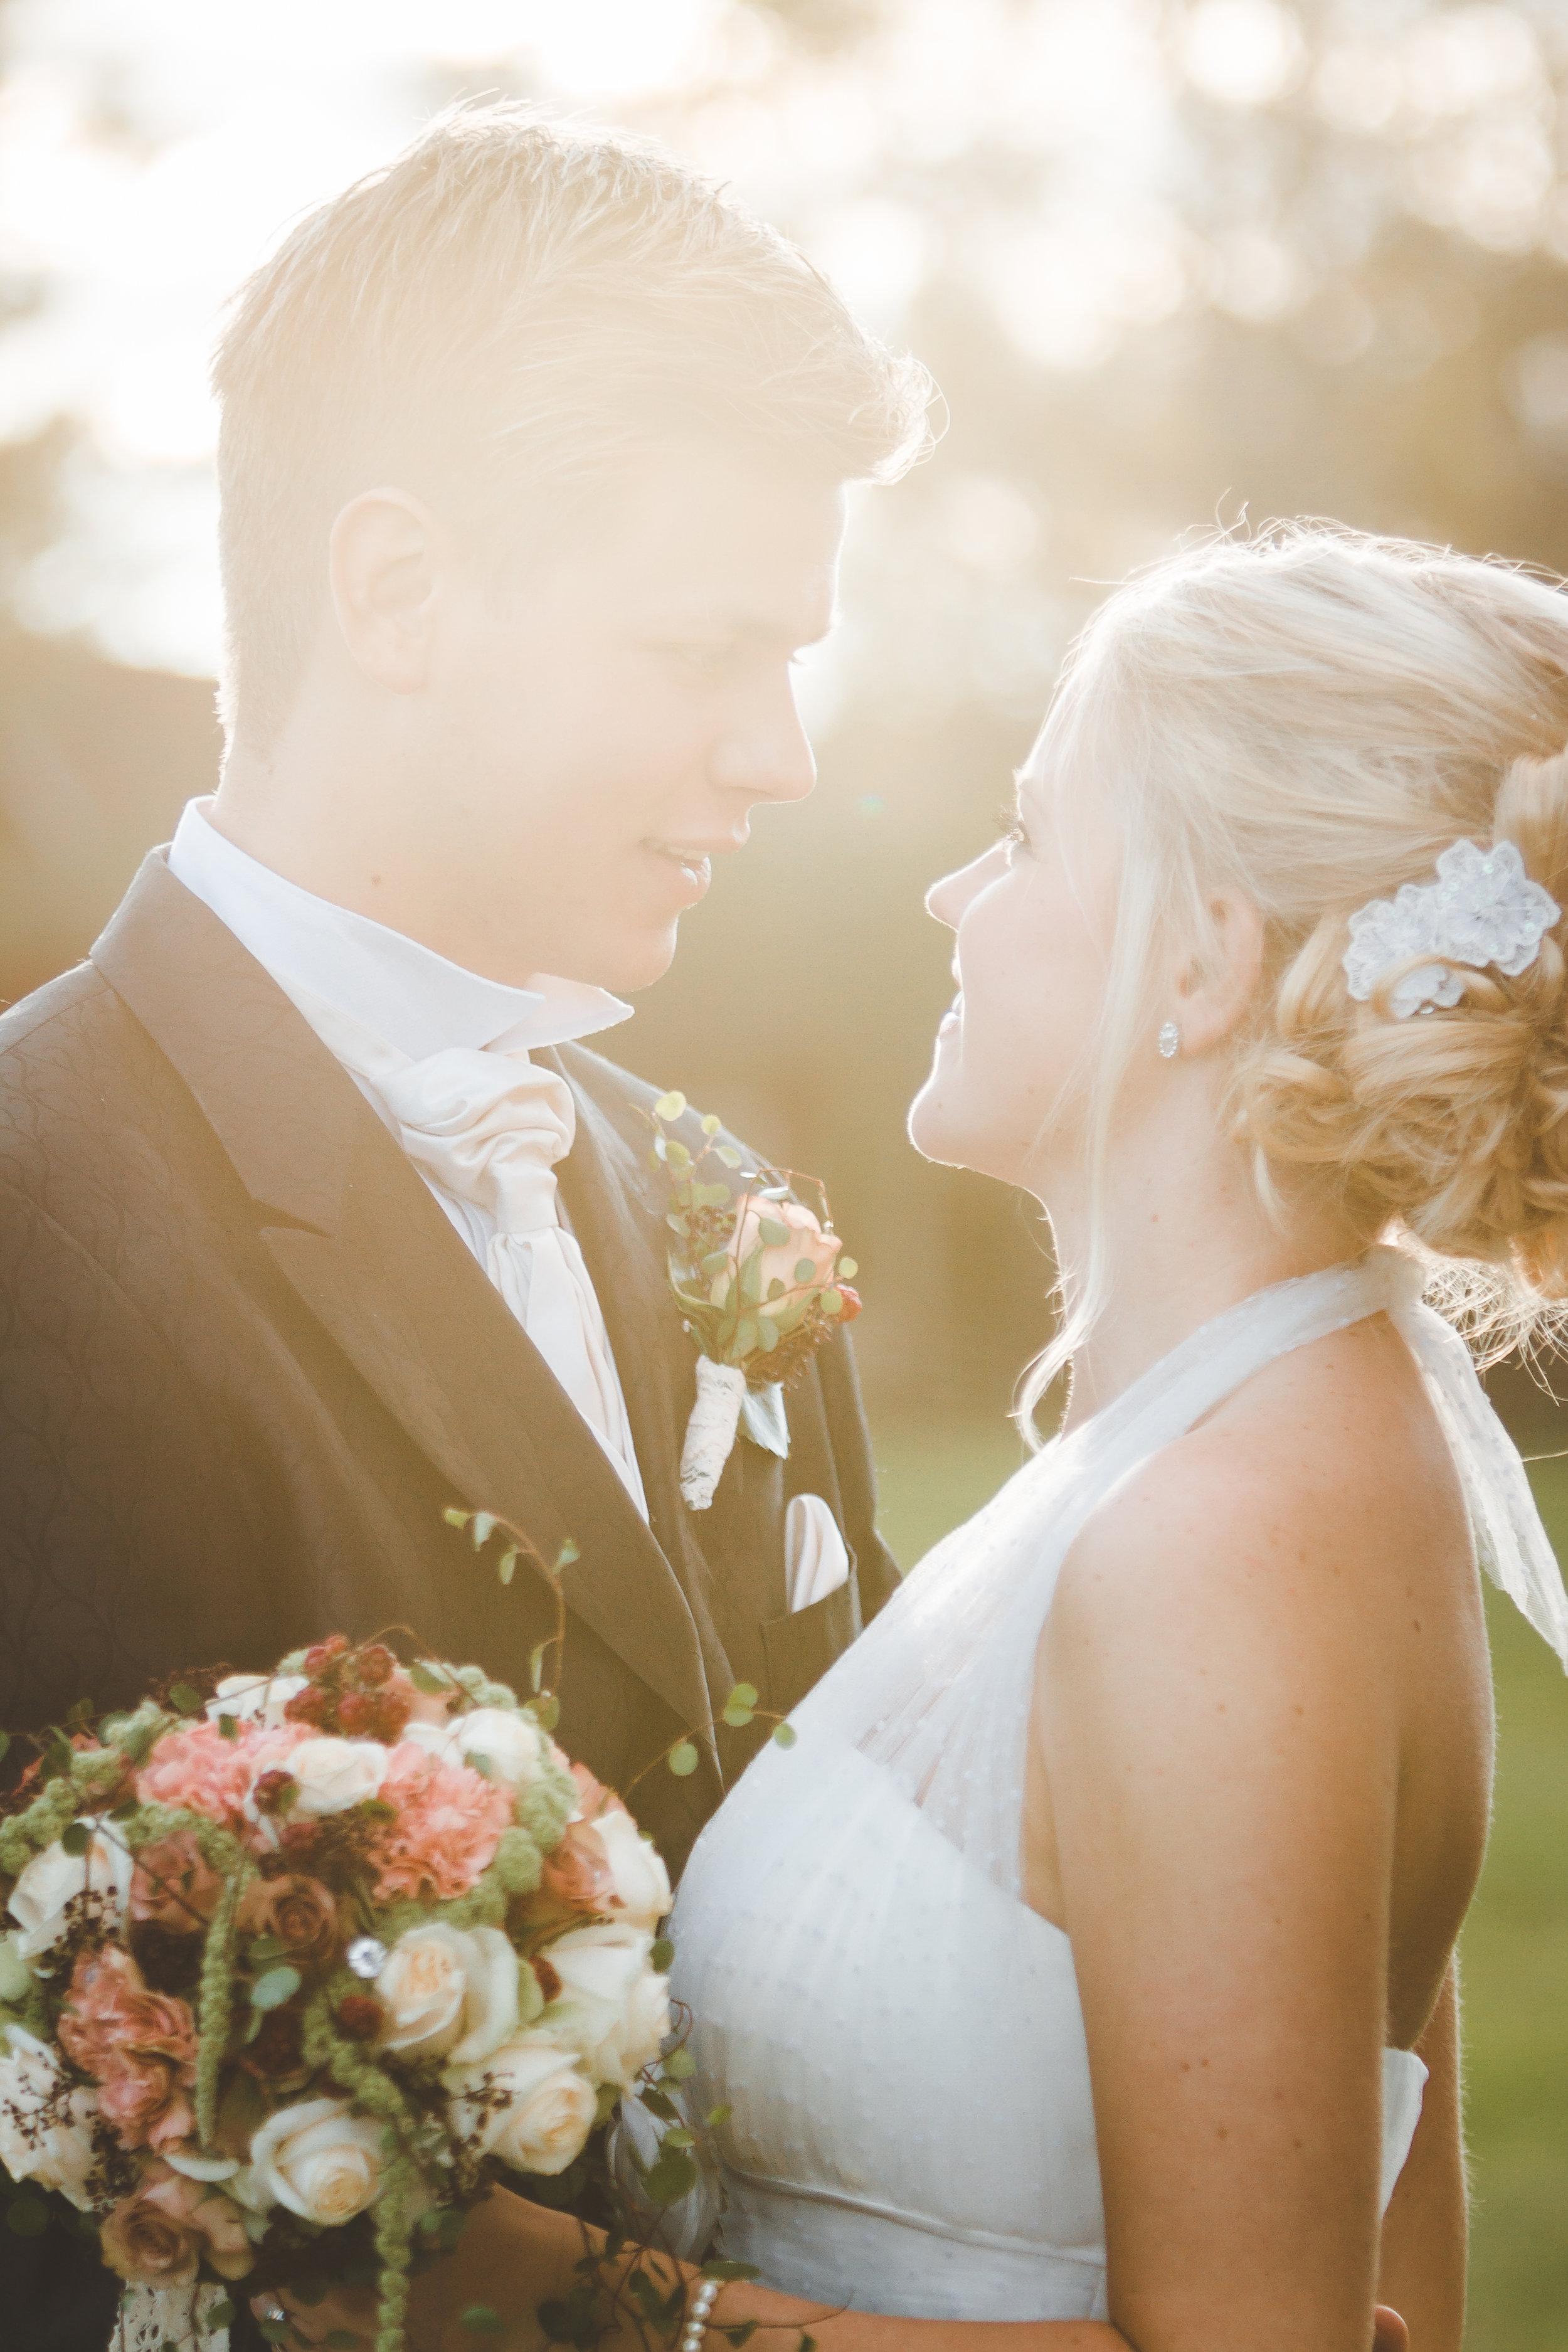 Mitt första bröllop. Inte första betalda bröllop, det kom senare.